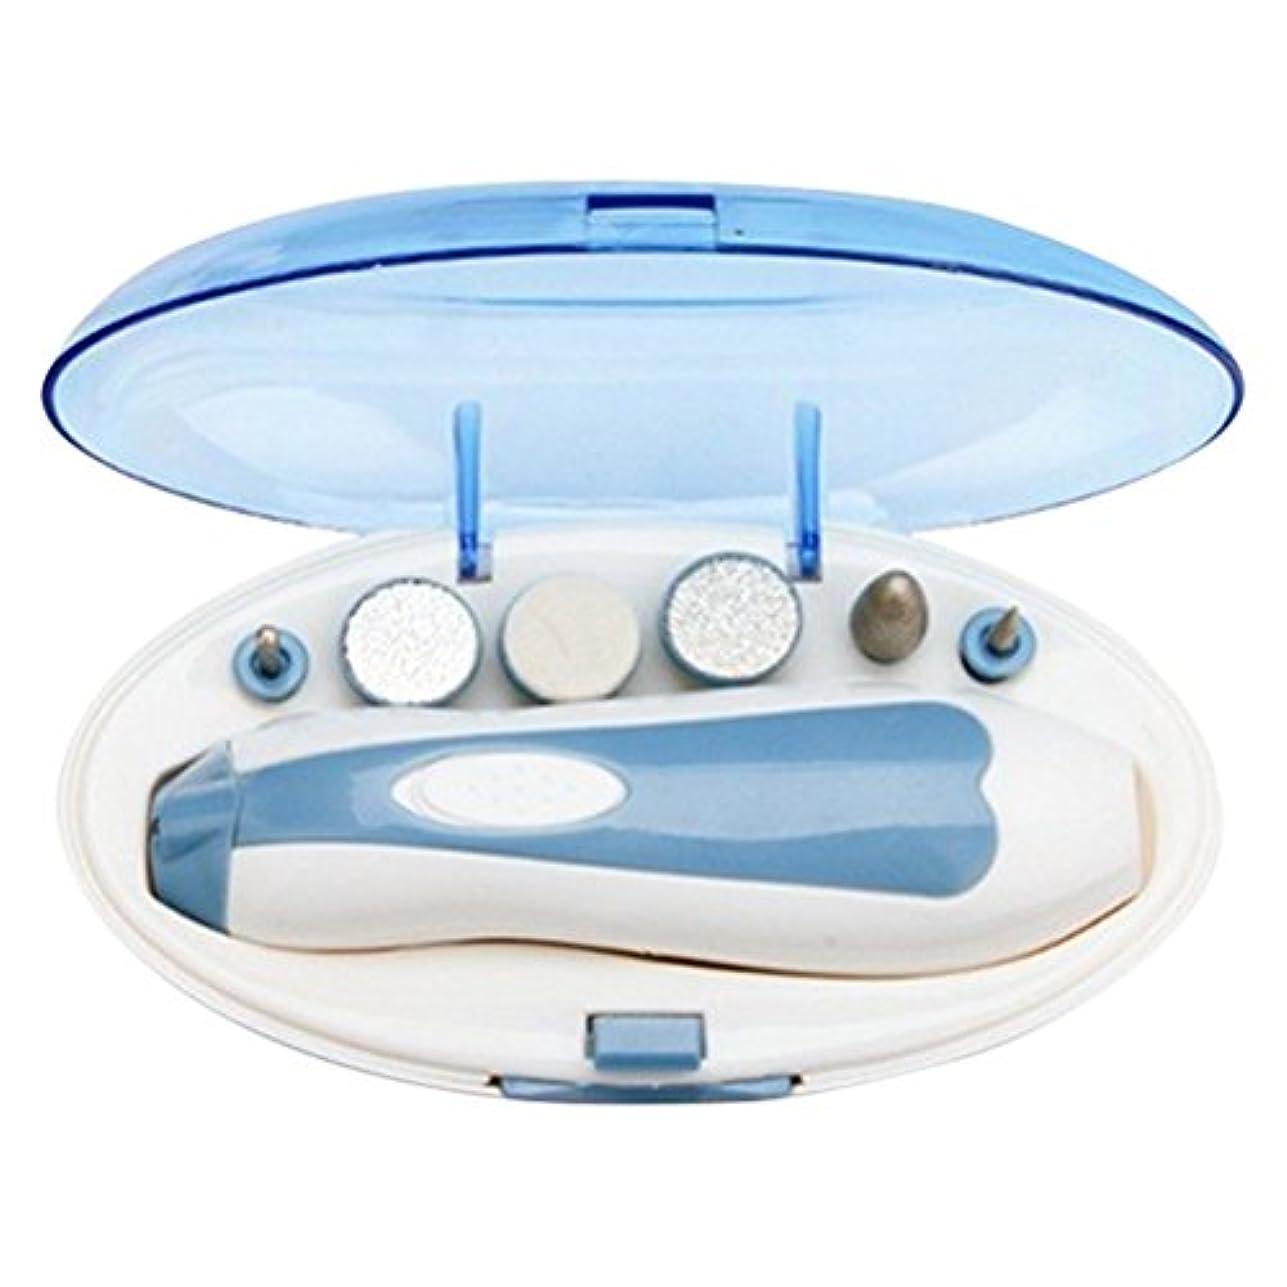 実質的にフロー安価な電動式ネイルケア ネイルマシン ネイルマシーン電動爪磨き 電池式 LEDライト搭載 アタッチメント6種類付き 甘皮 角質除去  持ち運び便利 ブルー ケース付